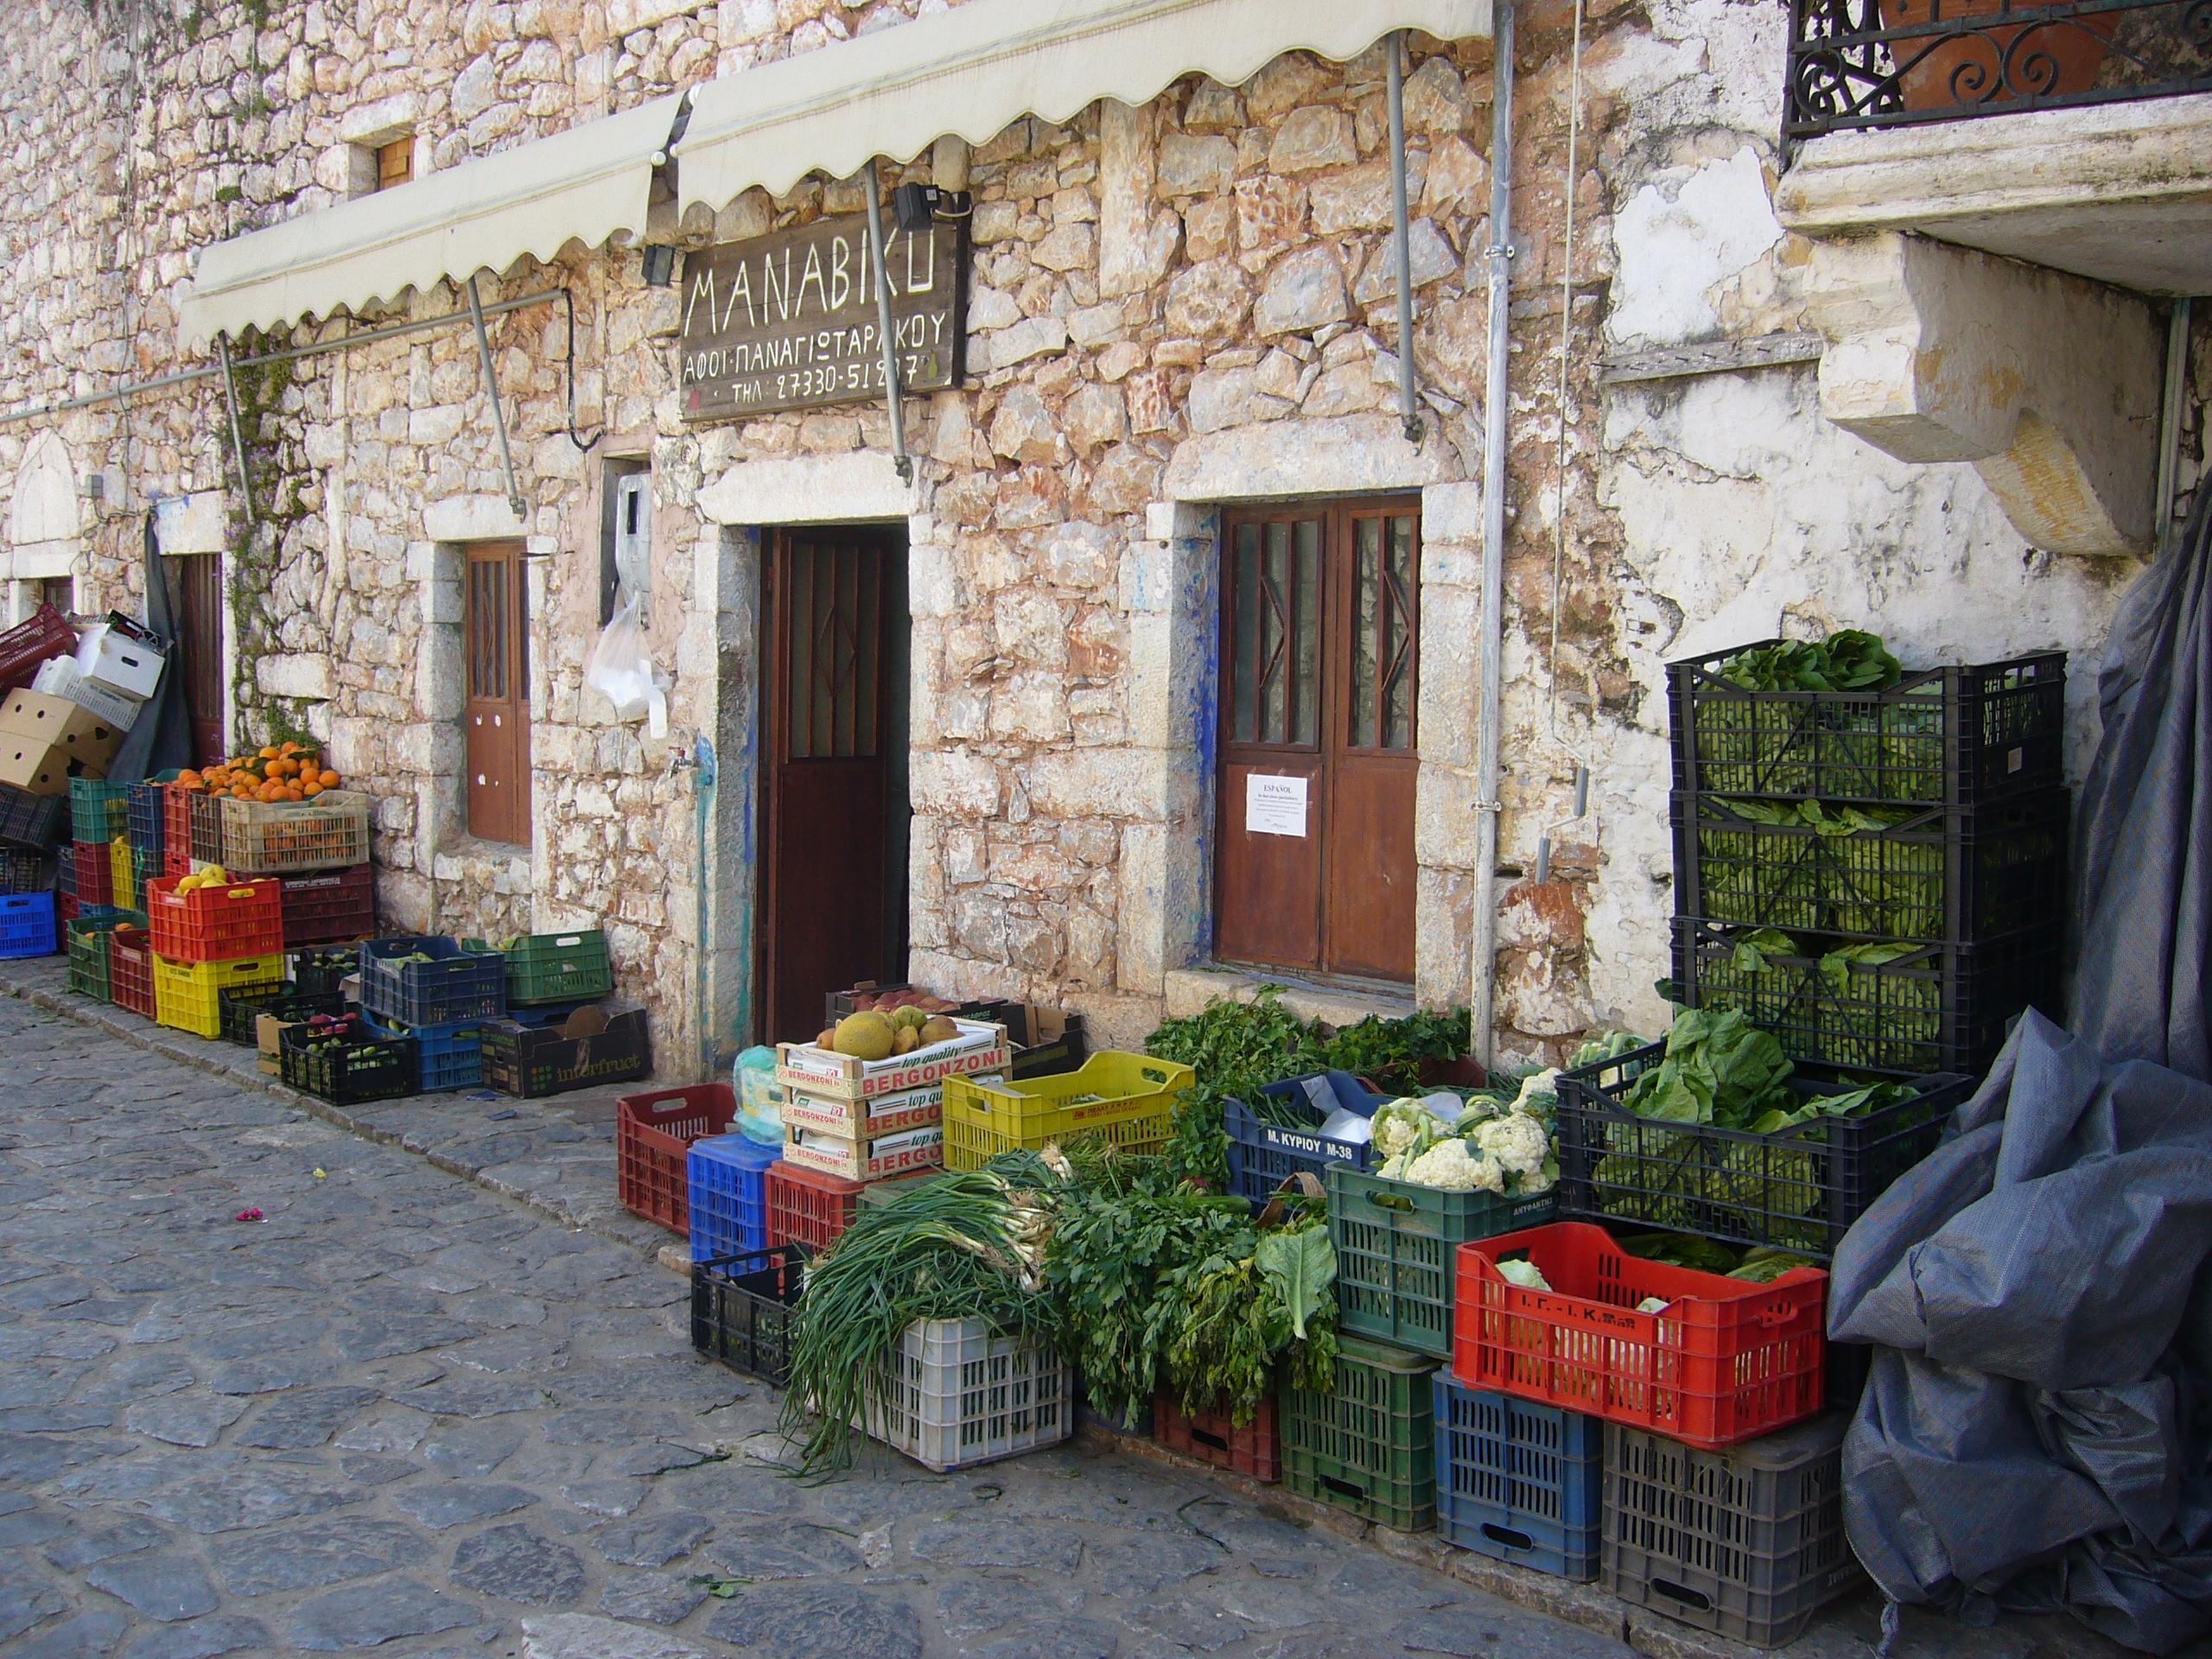 171207 Teil 2 Abb. 6 Gemüsehändler in der Inneren Mani